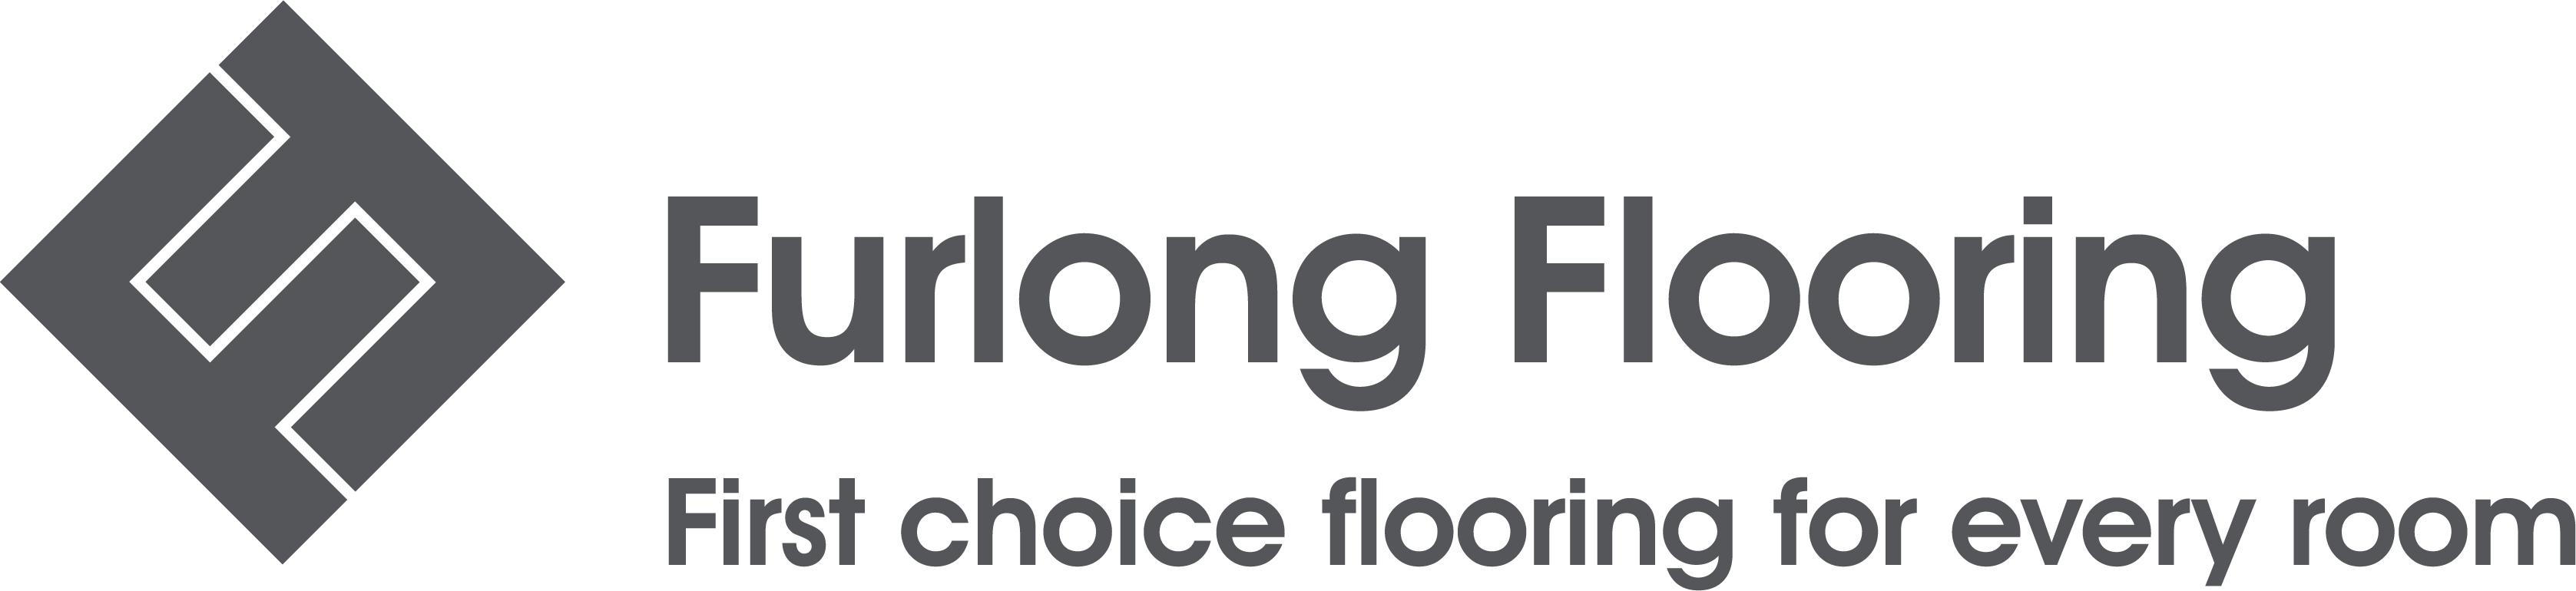 Furlong_Flooring_MASTER_Logo